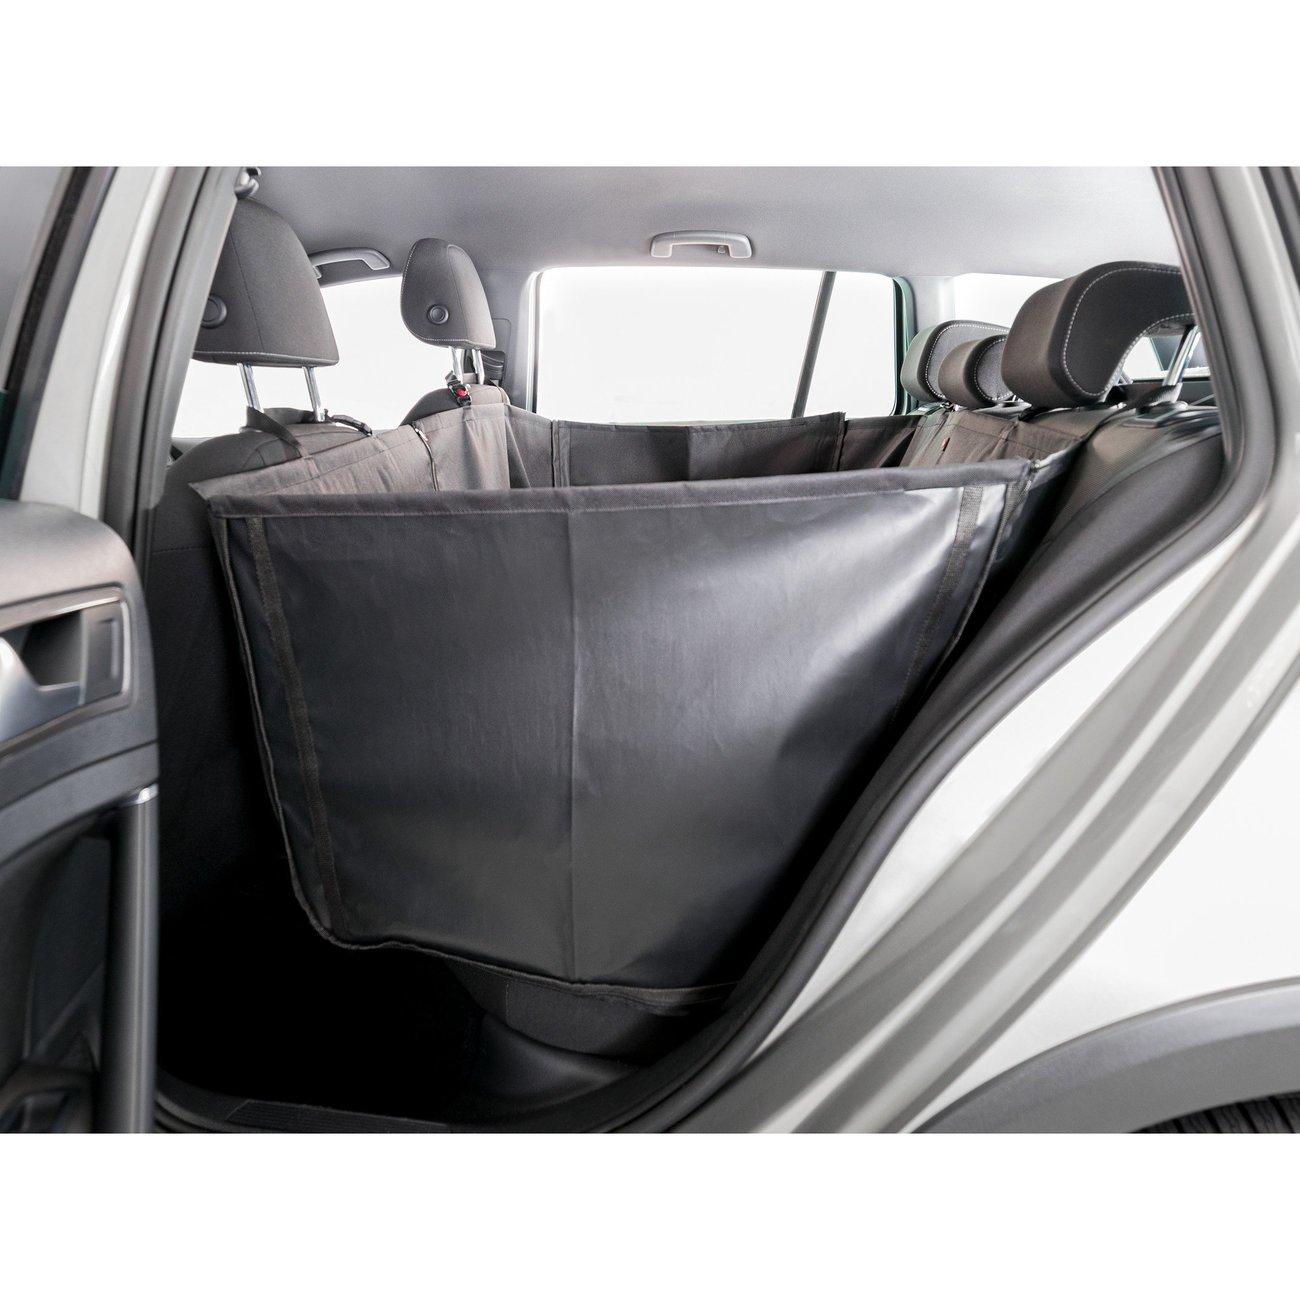 Auto Hundedecke mit Seitenteilen für Rücksitz Bild 8